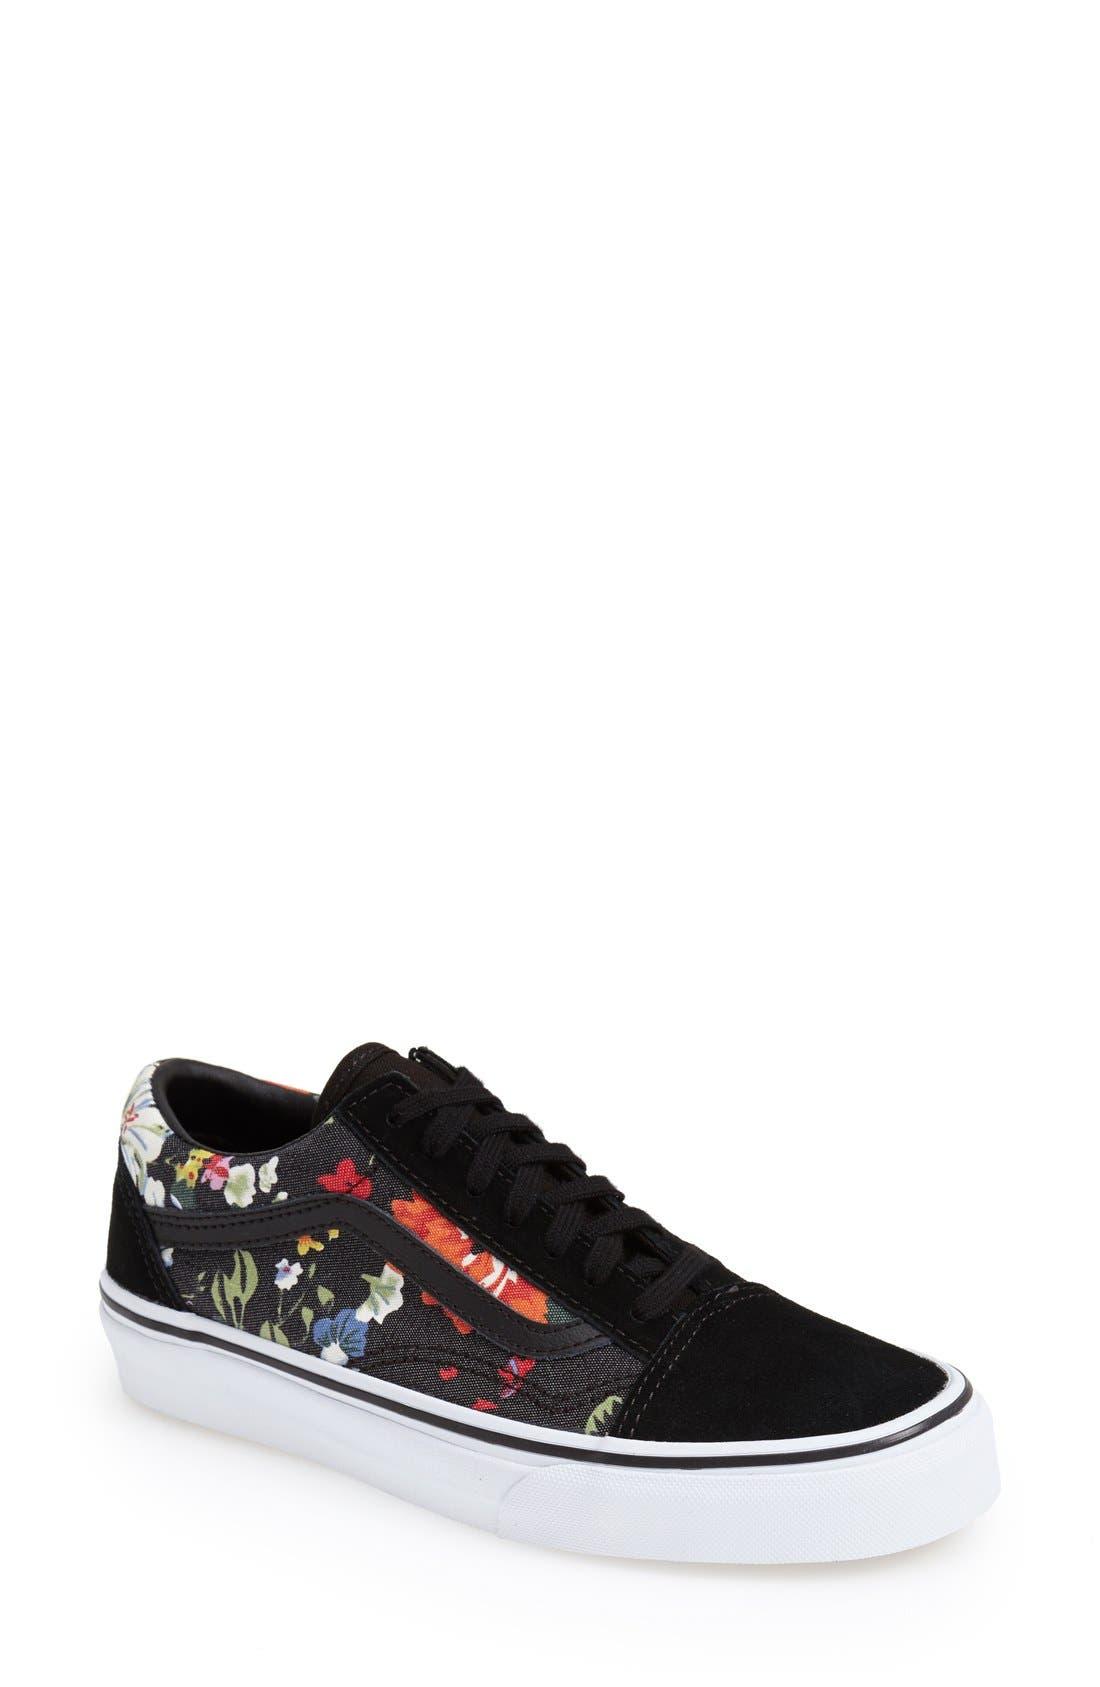 Main Image - Vans 'Old Skool' Sneaker (Women)